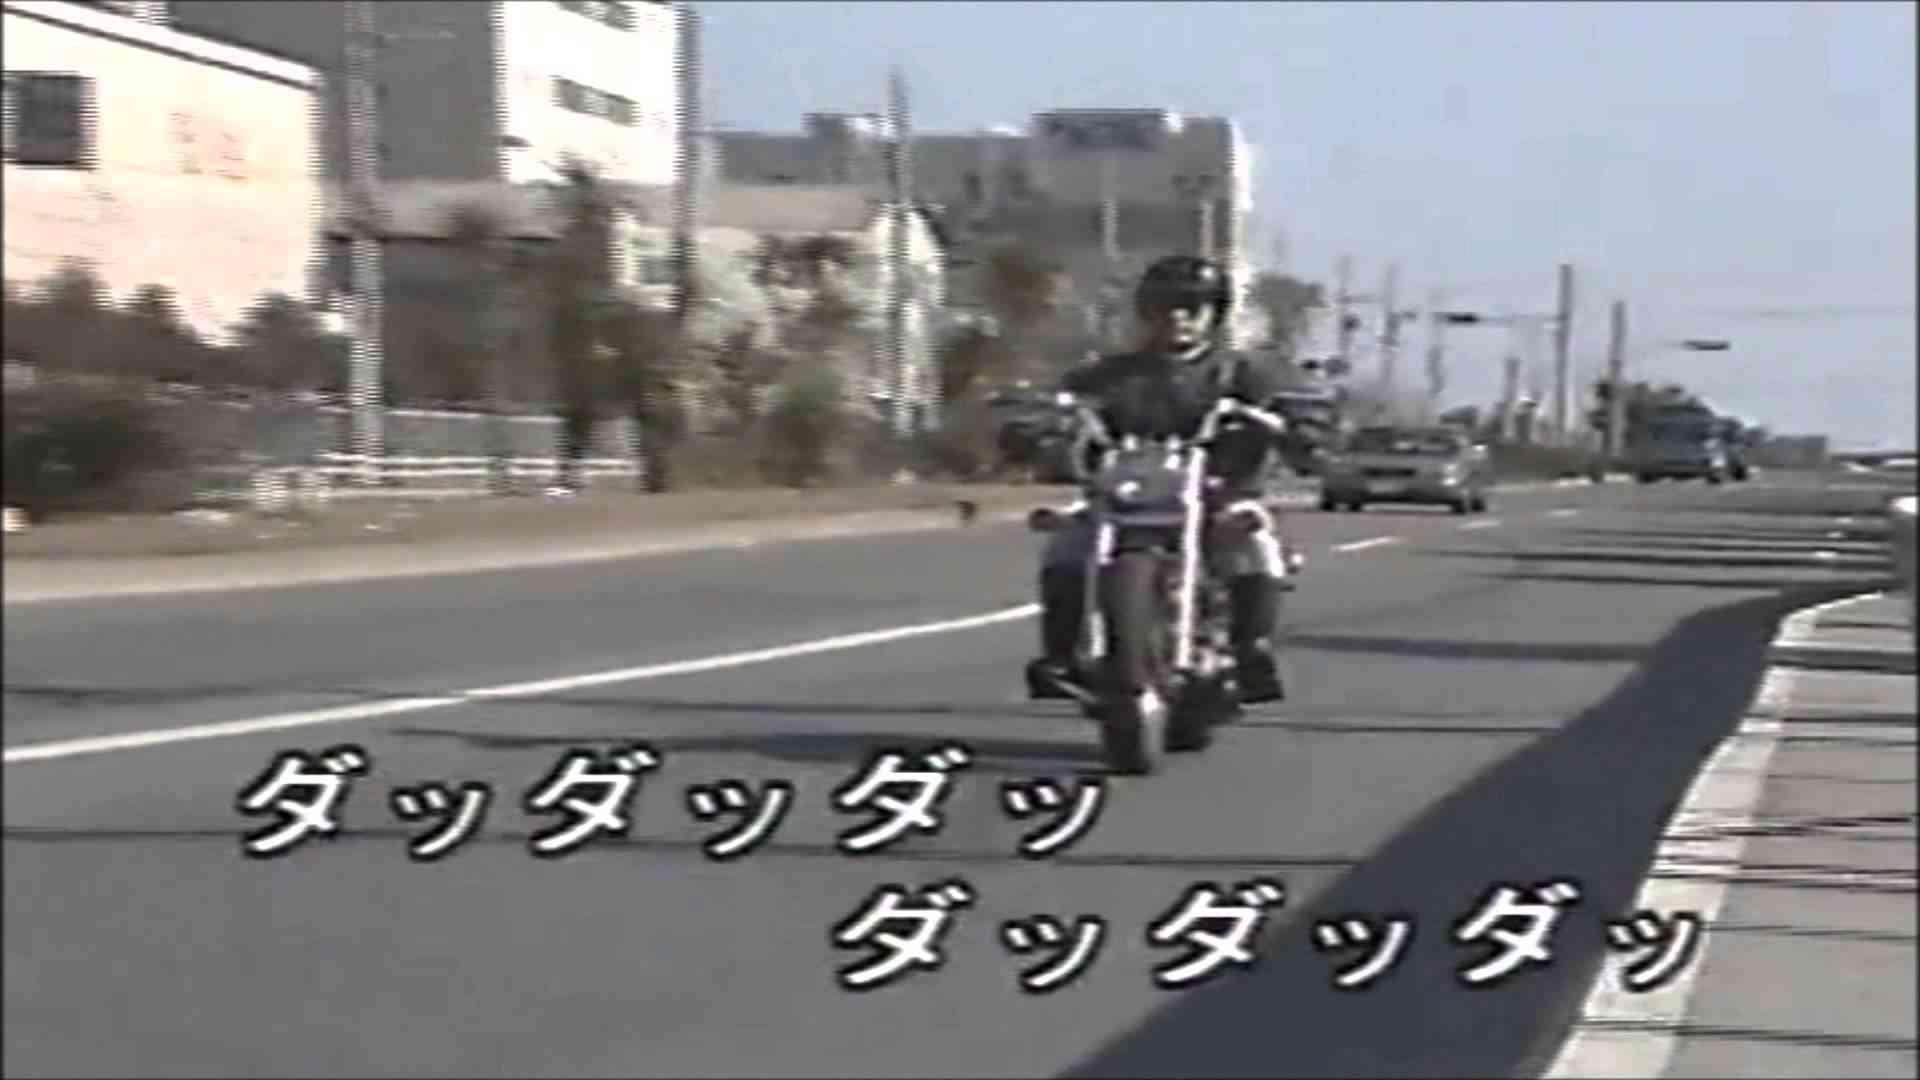 オートバイのうた - YouTube